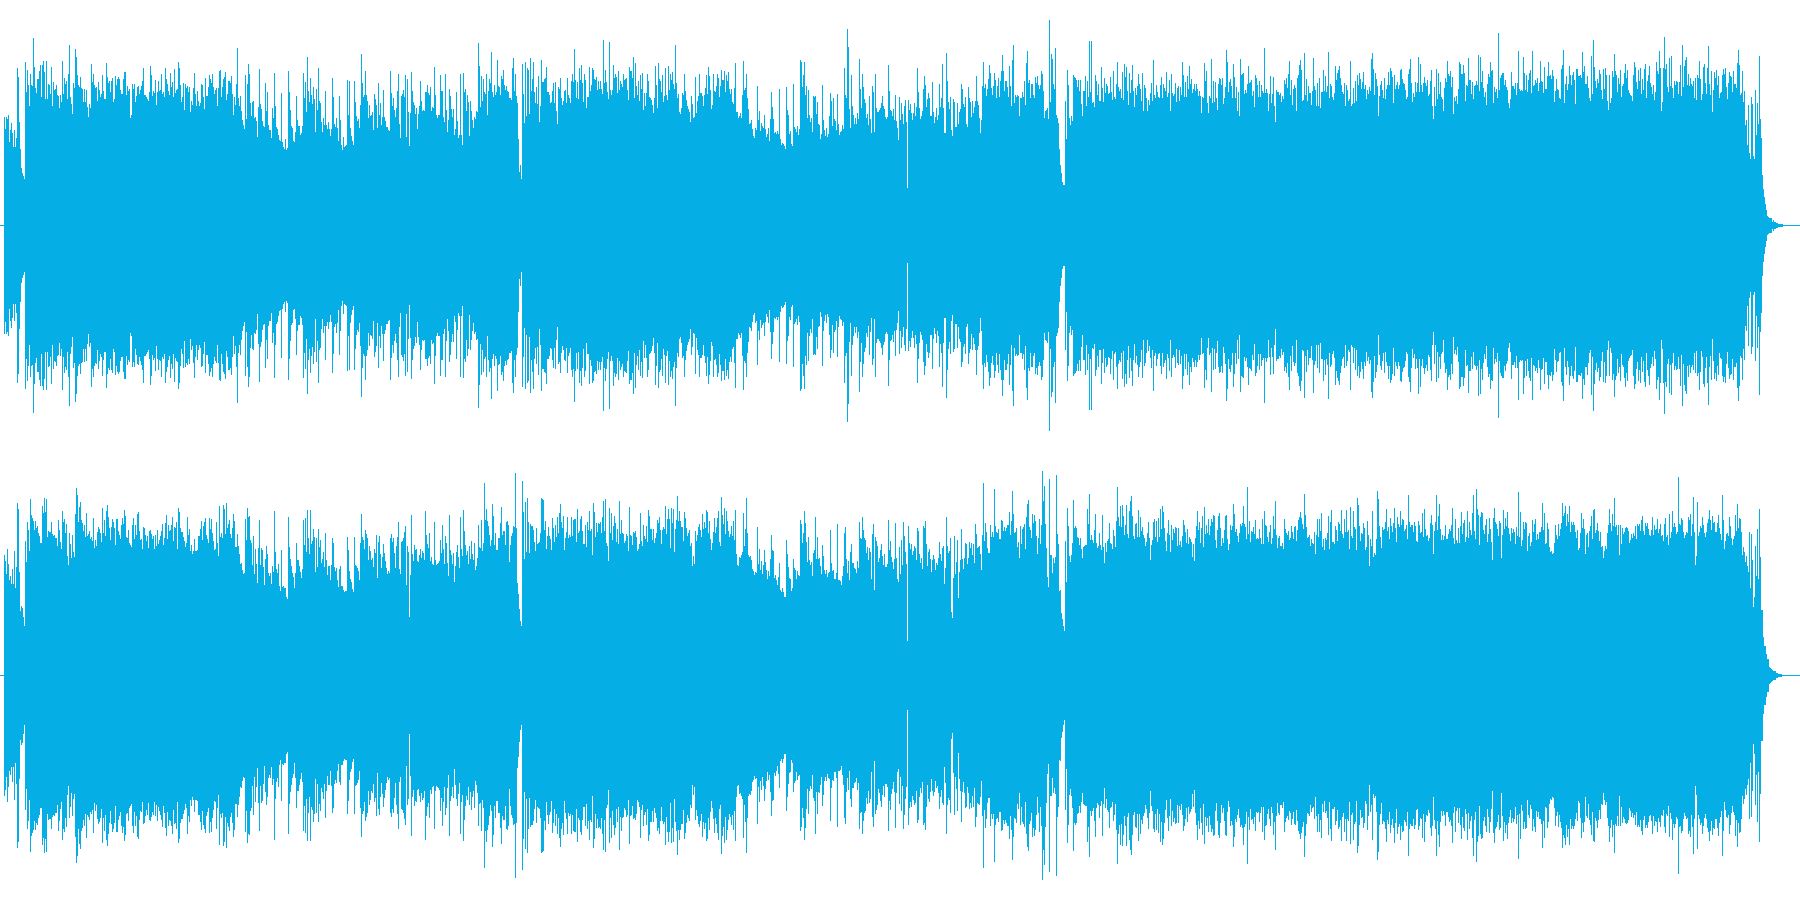 哀愁感漂うエレキギターのロックバラードの再生済みの波形